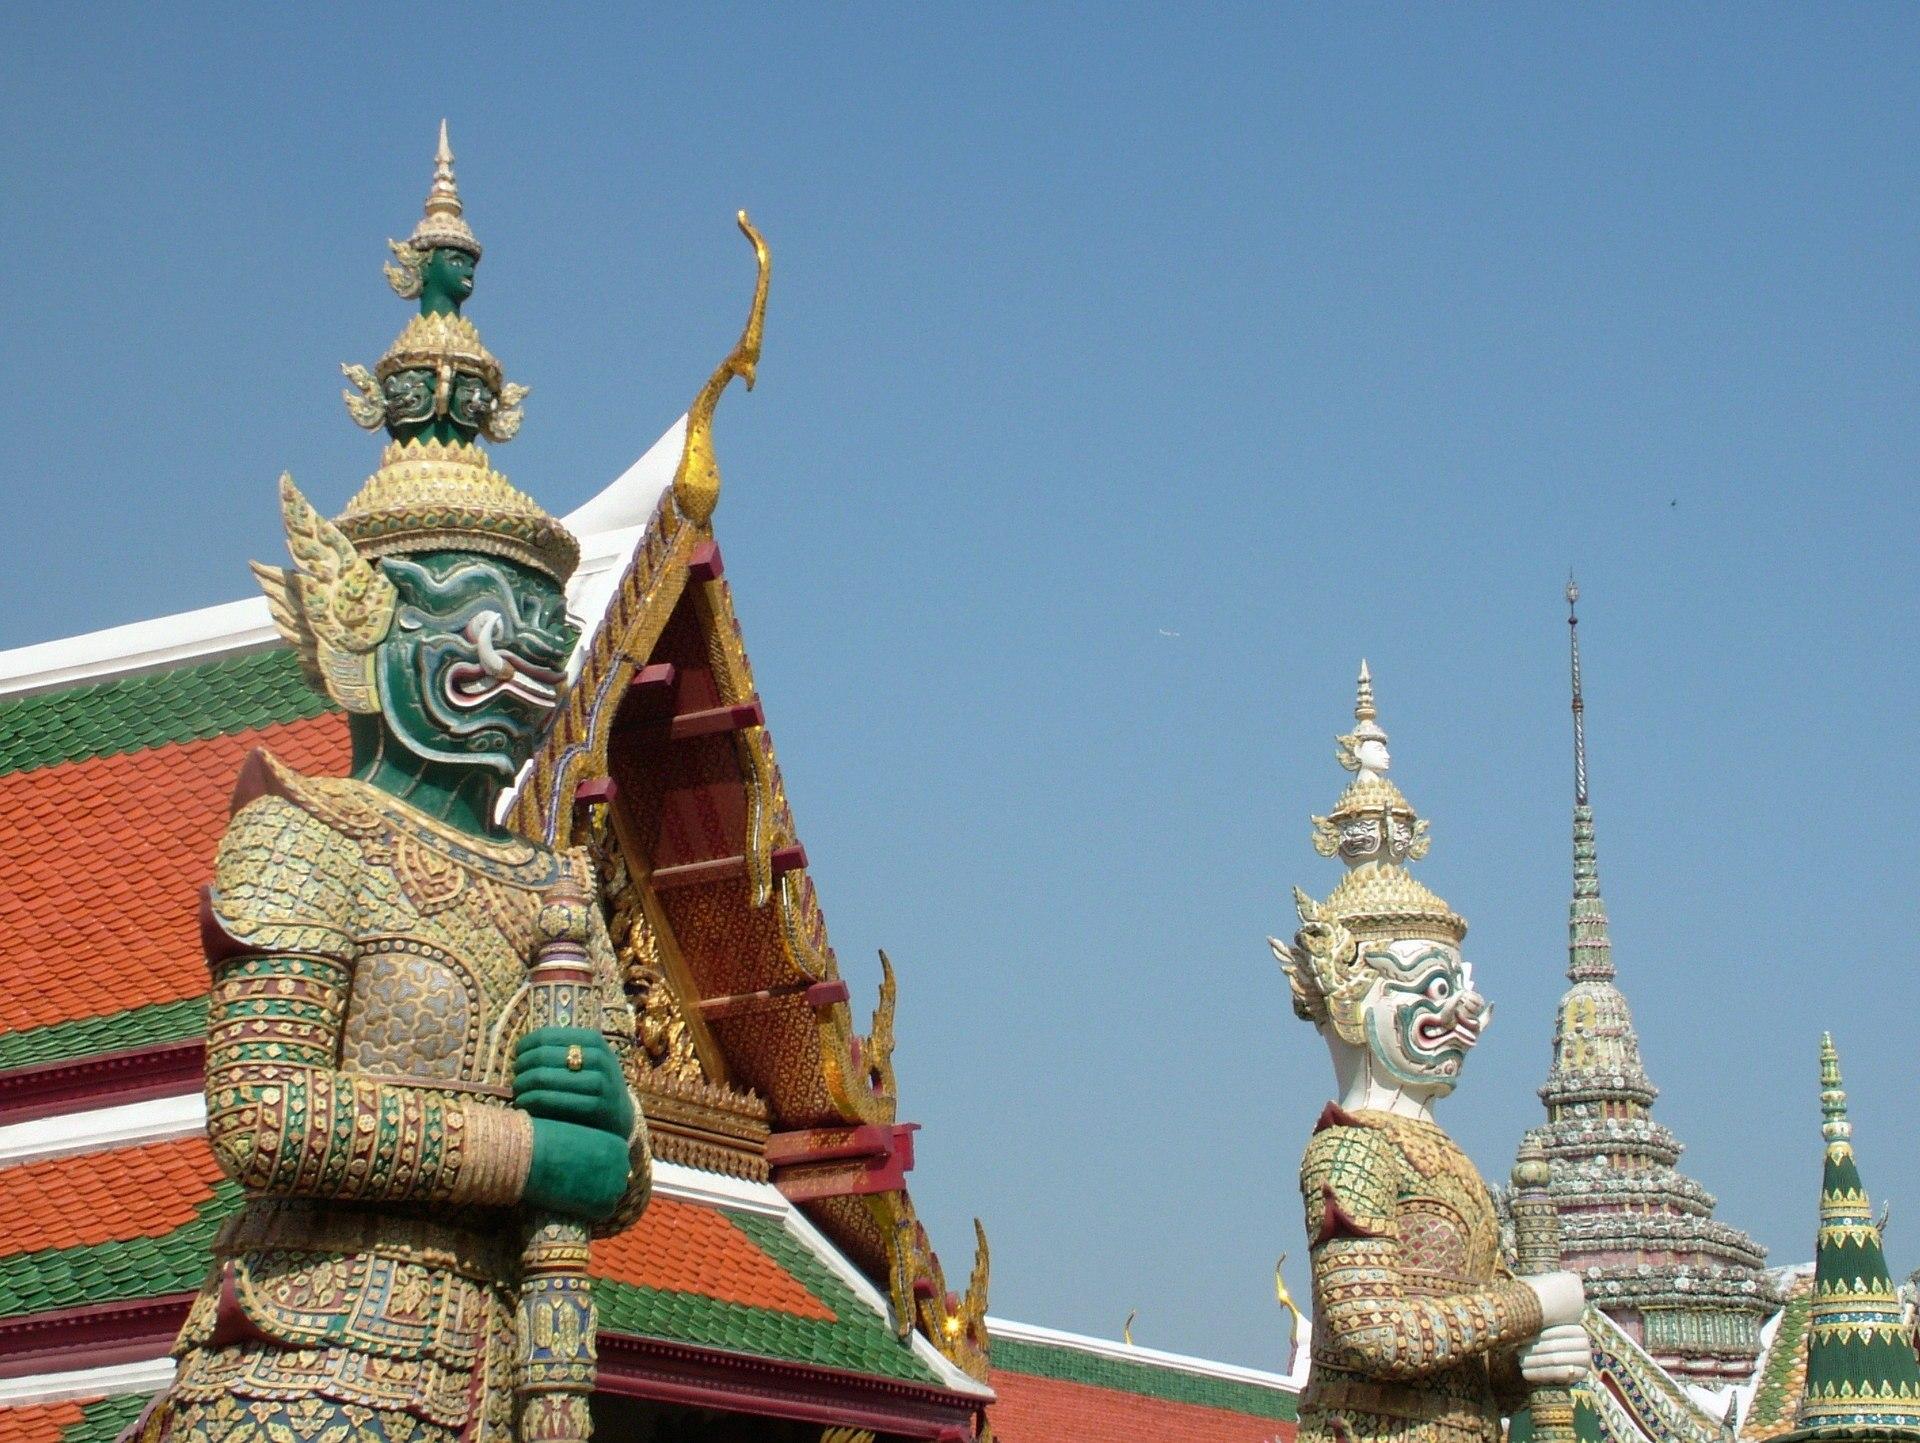 泰国最知名的古建筑,做了164年皇宫如今对外开放旅游